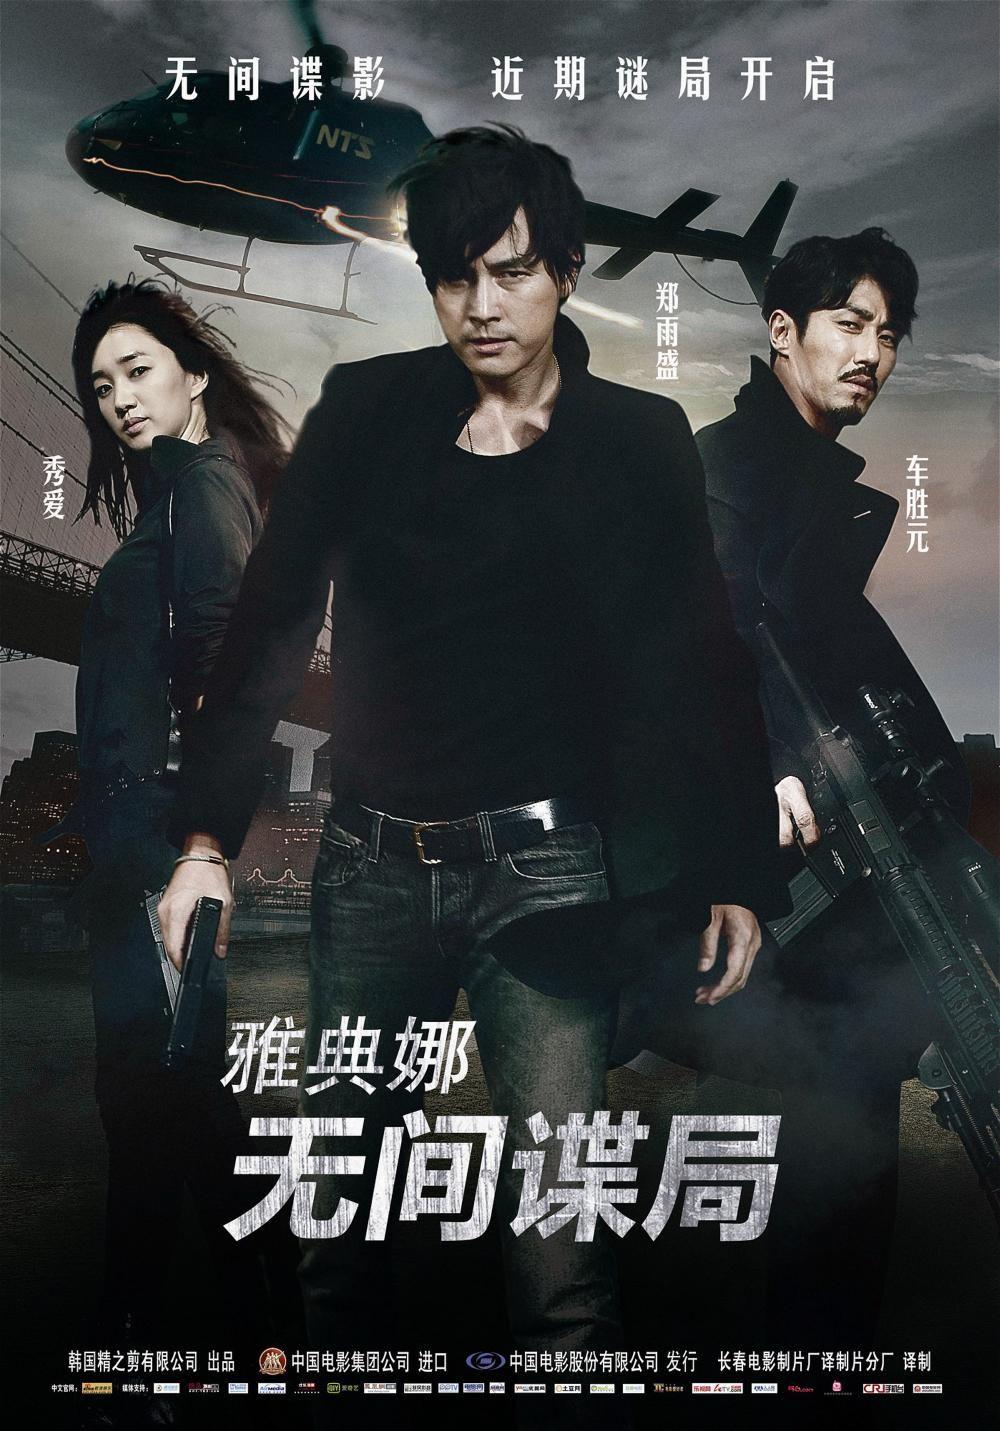 악의 연대기 2015.05.25 영화, 영화 포스터